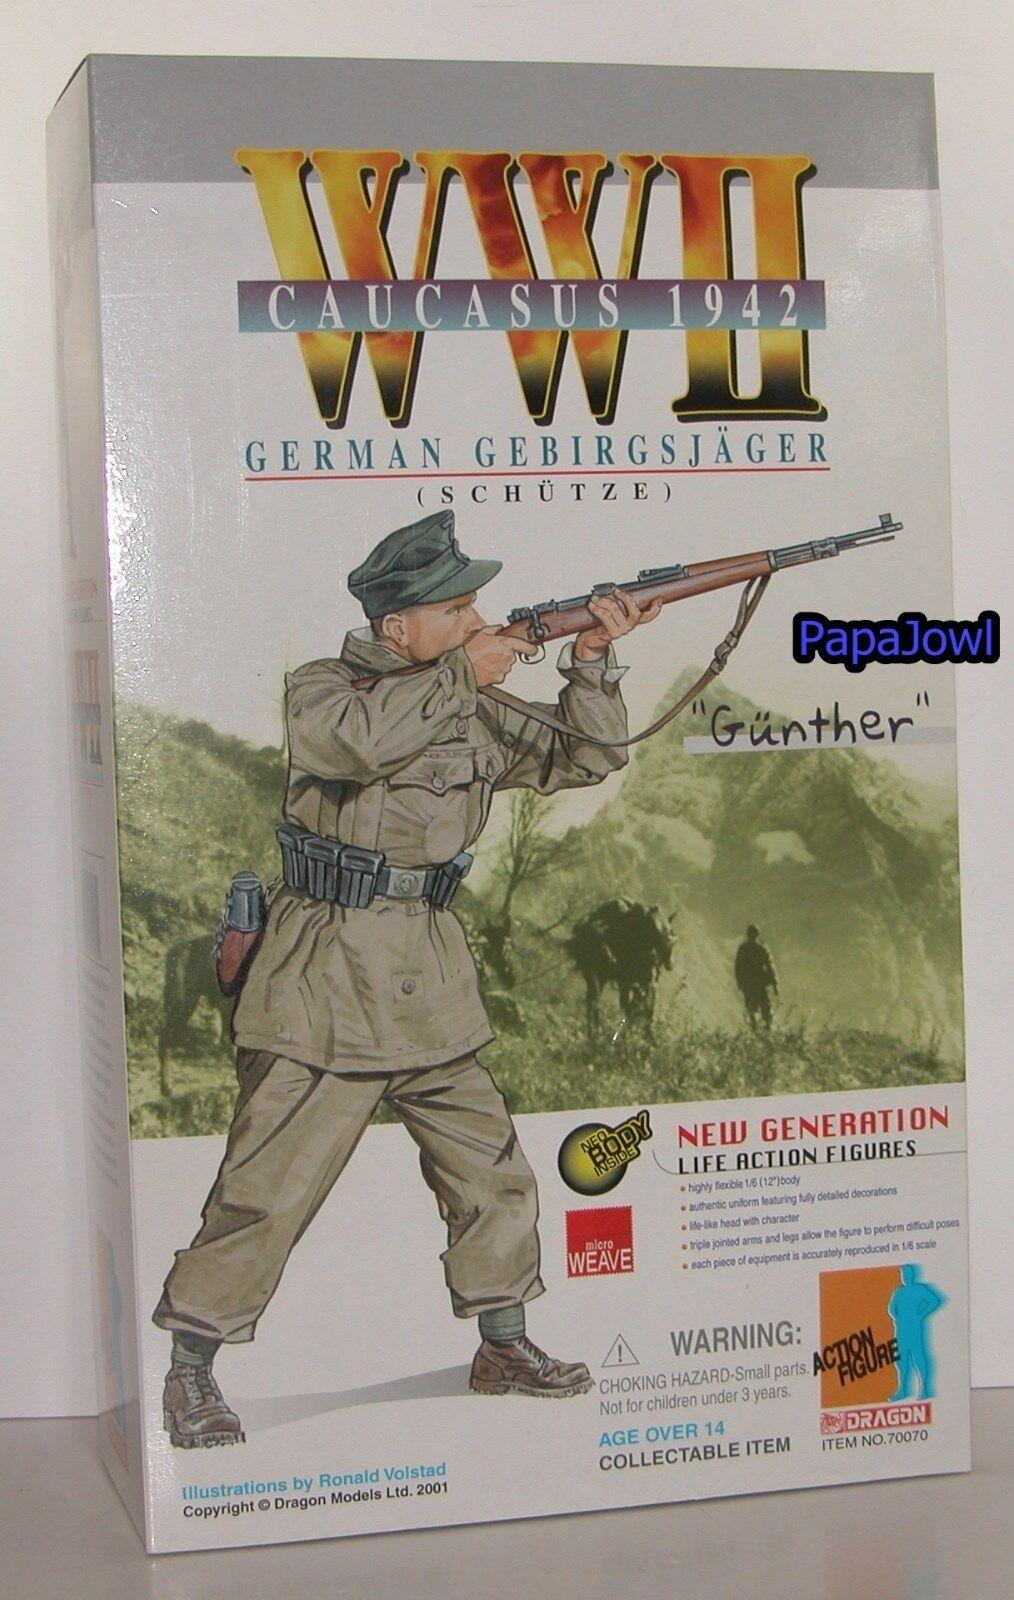 Nueva Generación dragón de la segunda guerra mundial Cáucaso 1942 alemán Gebirgsjager  Gunther  1 6